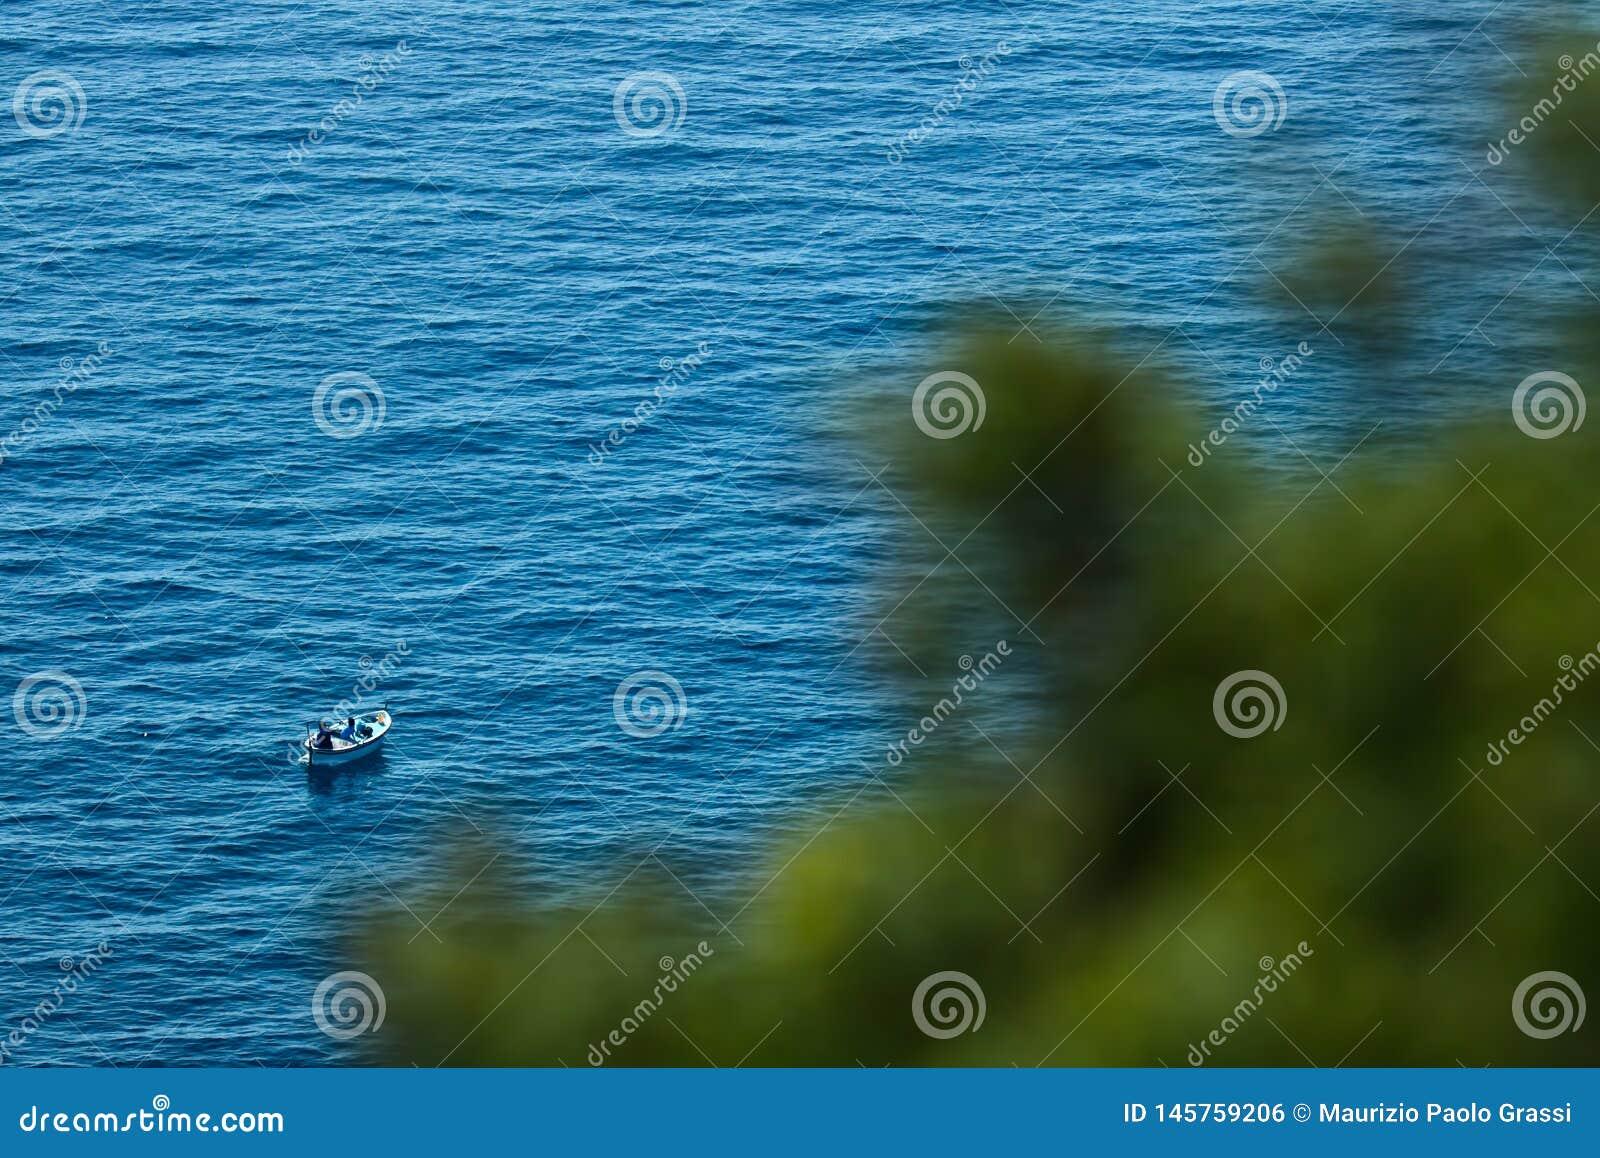 Bonassola, blisko Cinque Terre, Liguria 03/31/2019 Łódź rybacka w błękitnym morzu blisko Pięć ziemi